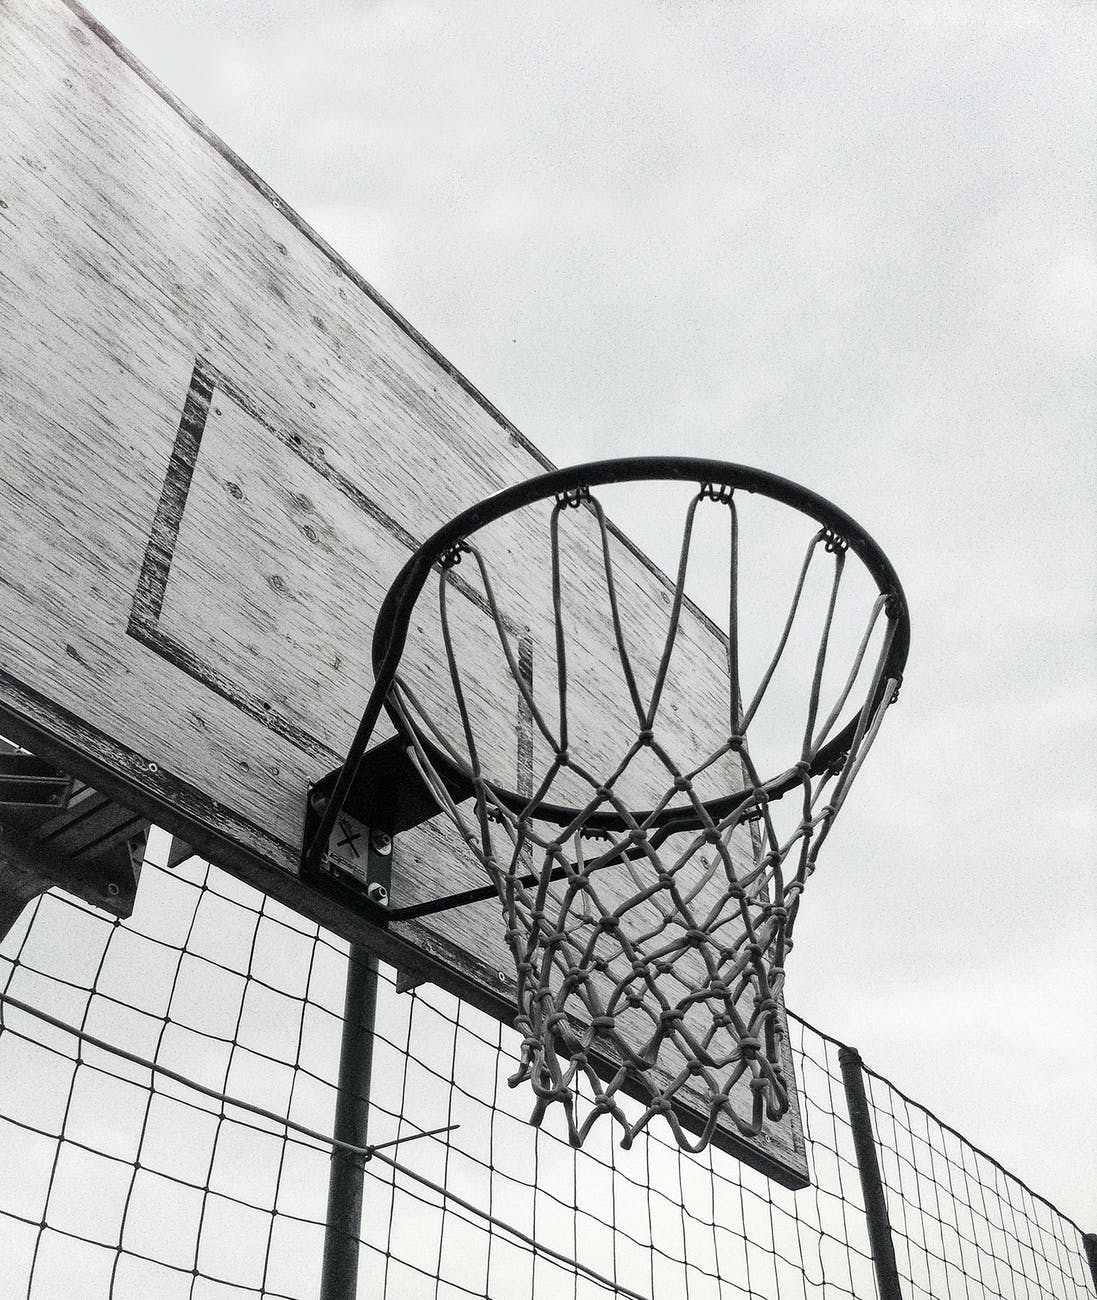 grayscale photography of basketball hoop